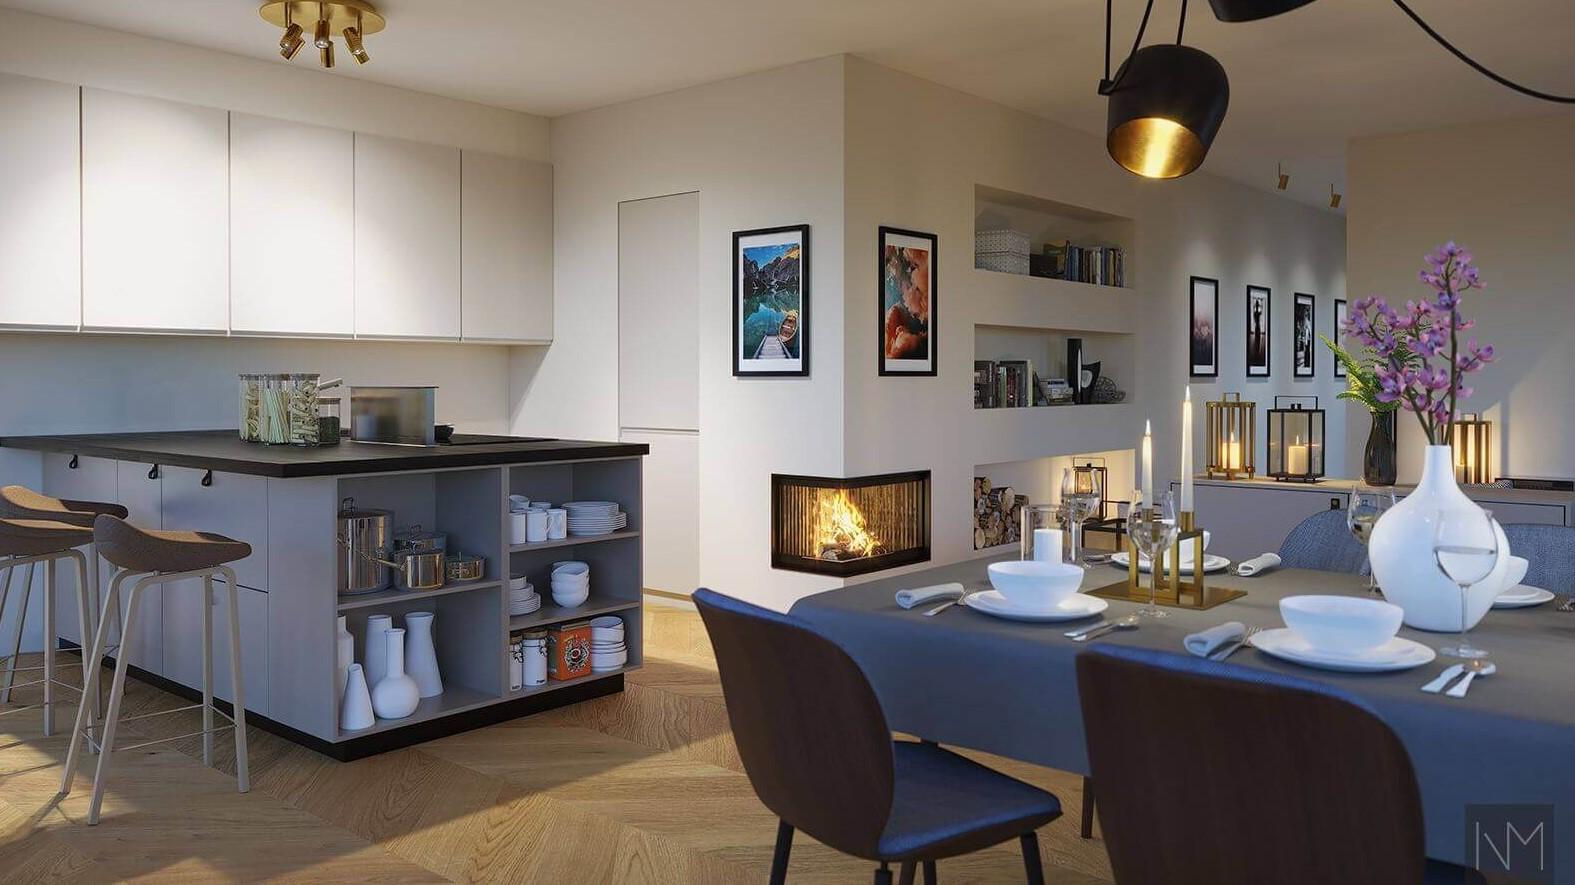 Wo man mit der Renovierung einer Küche beginnen sollte